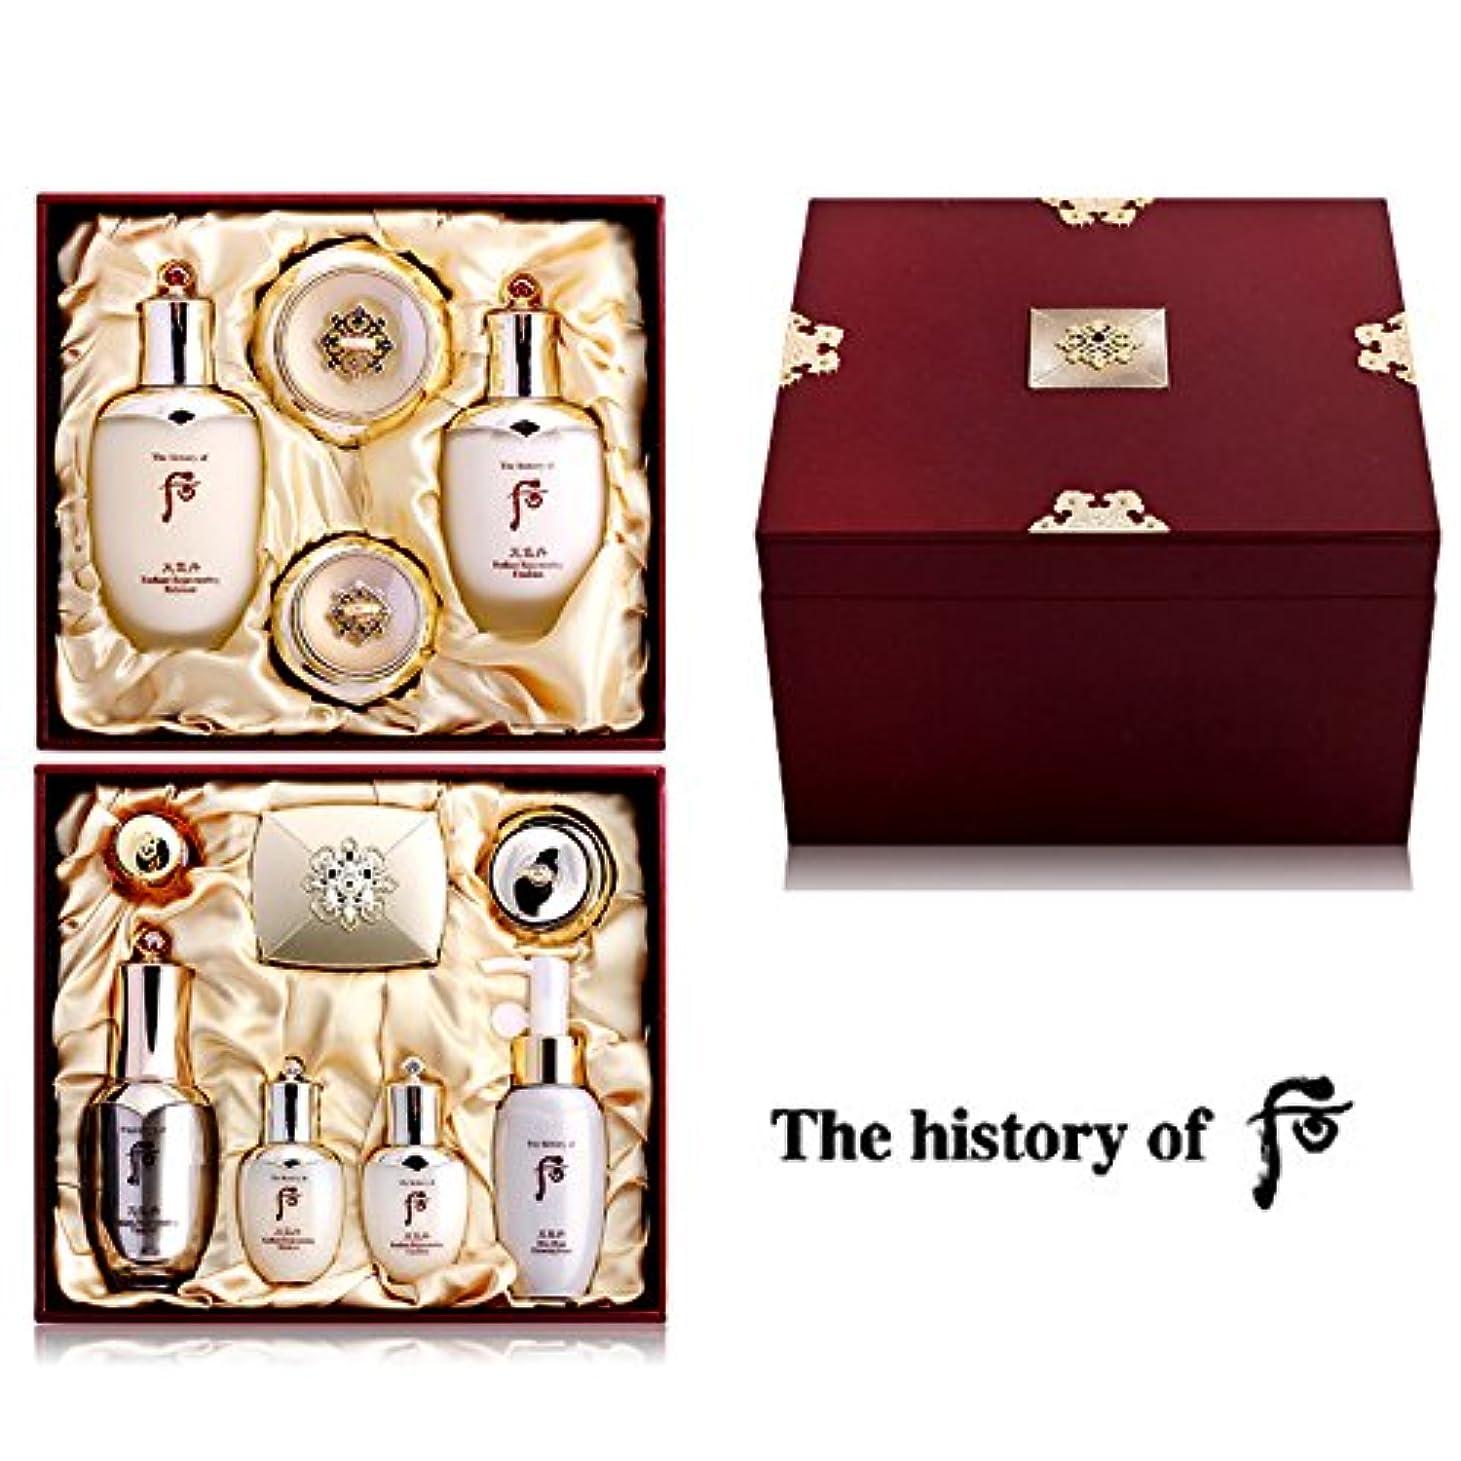 フォーク相反する猟犬【フー/The history of whoo] 天気丹 王侯(チョンギダン ワンフ) セット/Chonghi Dan Queen Special Set+[Sample Gift](海外直送品)